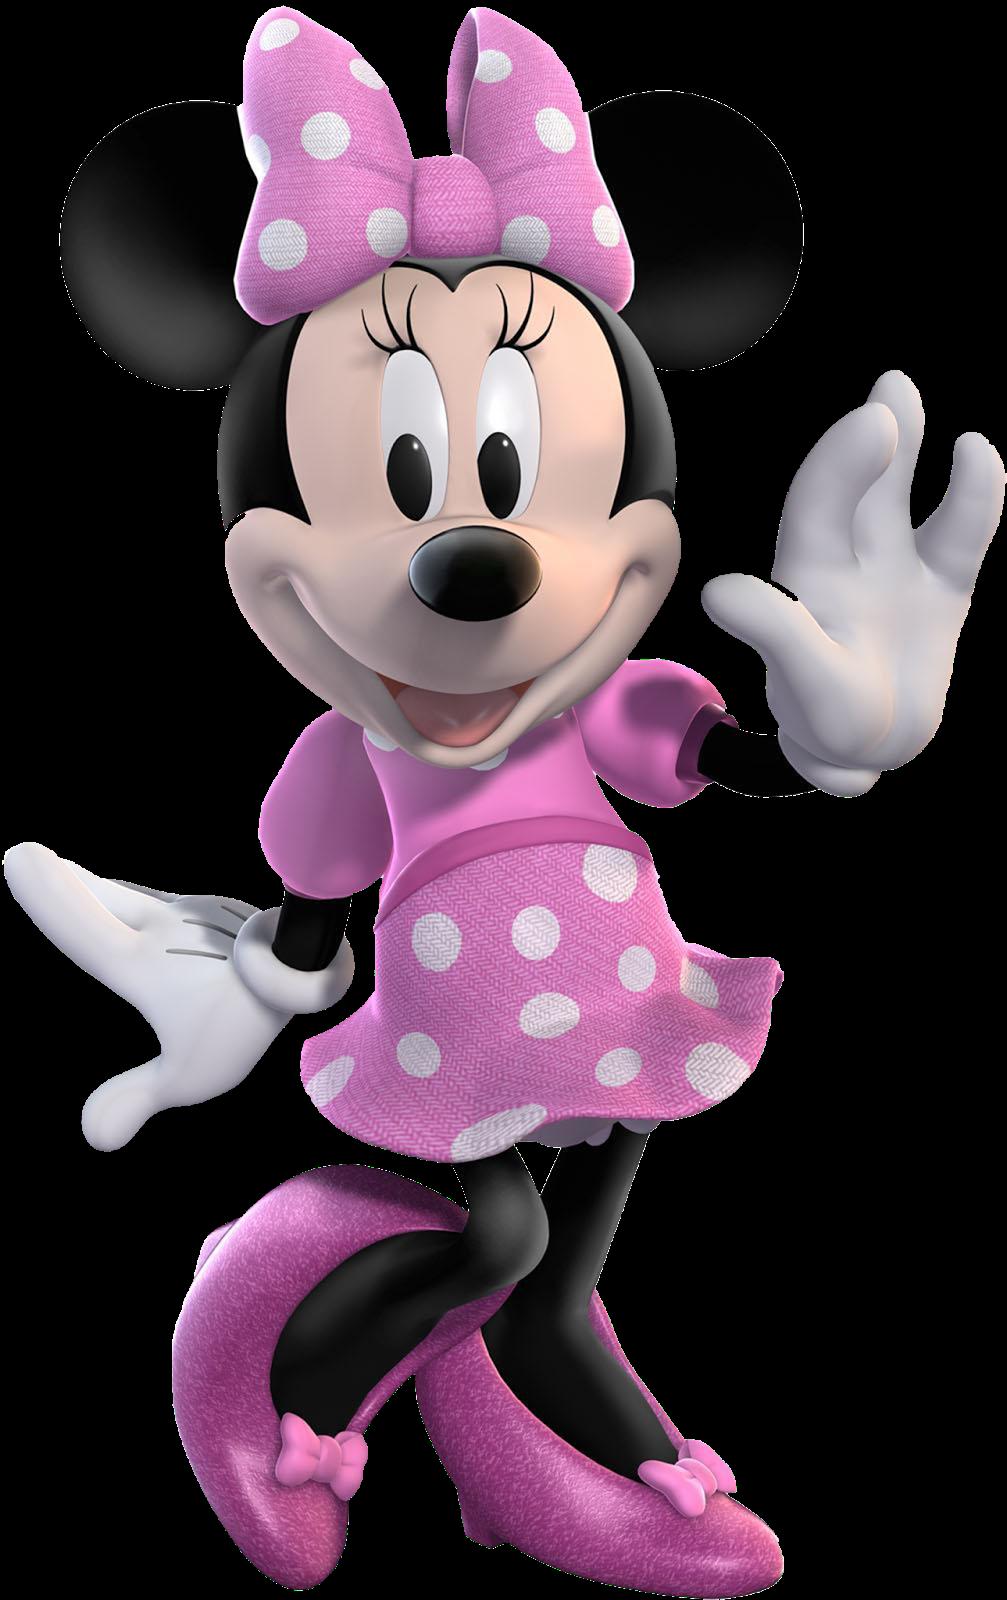 Imágenes de Minnie y Daisy | Imágenes para Peques